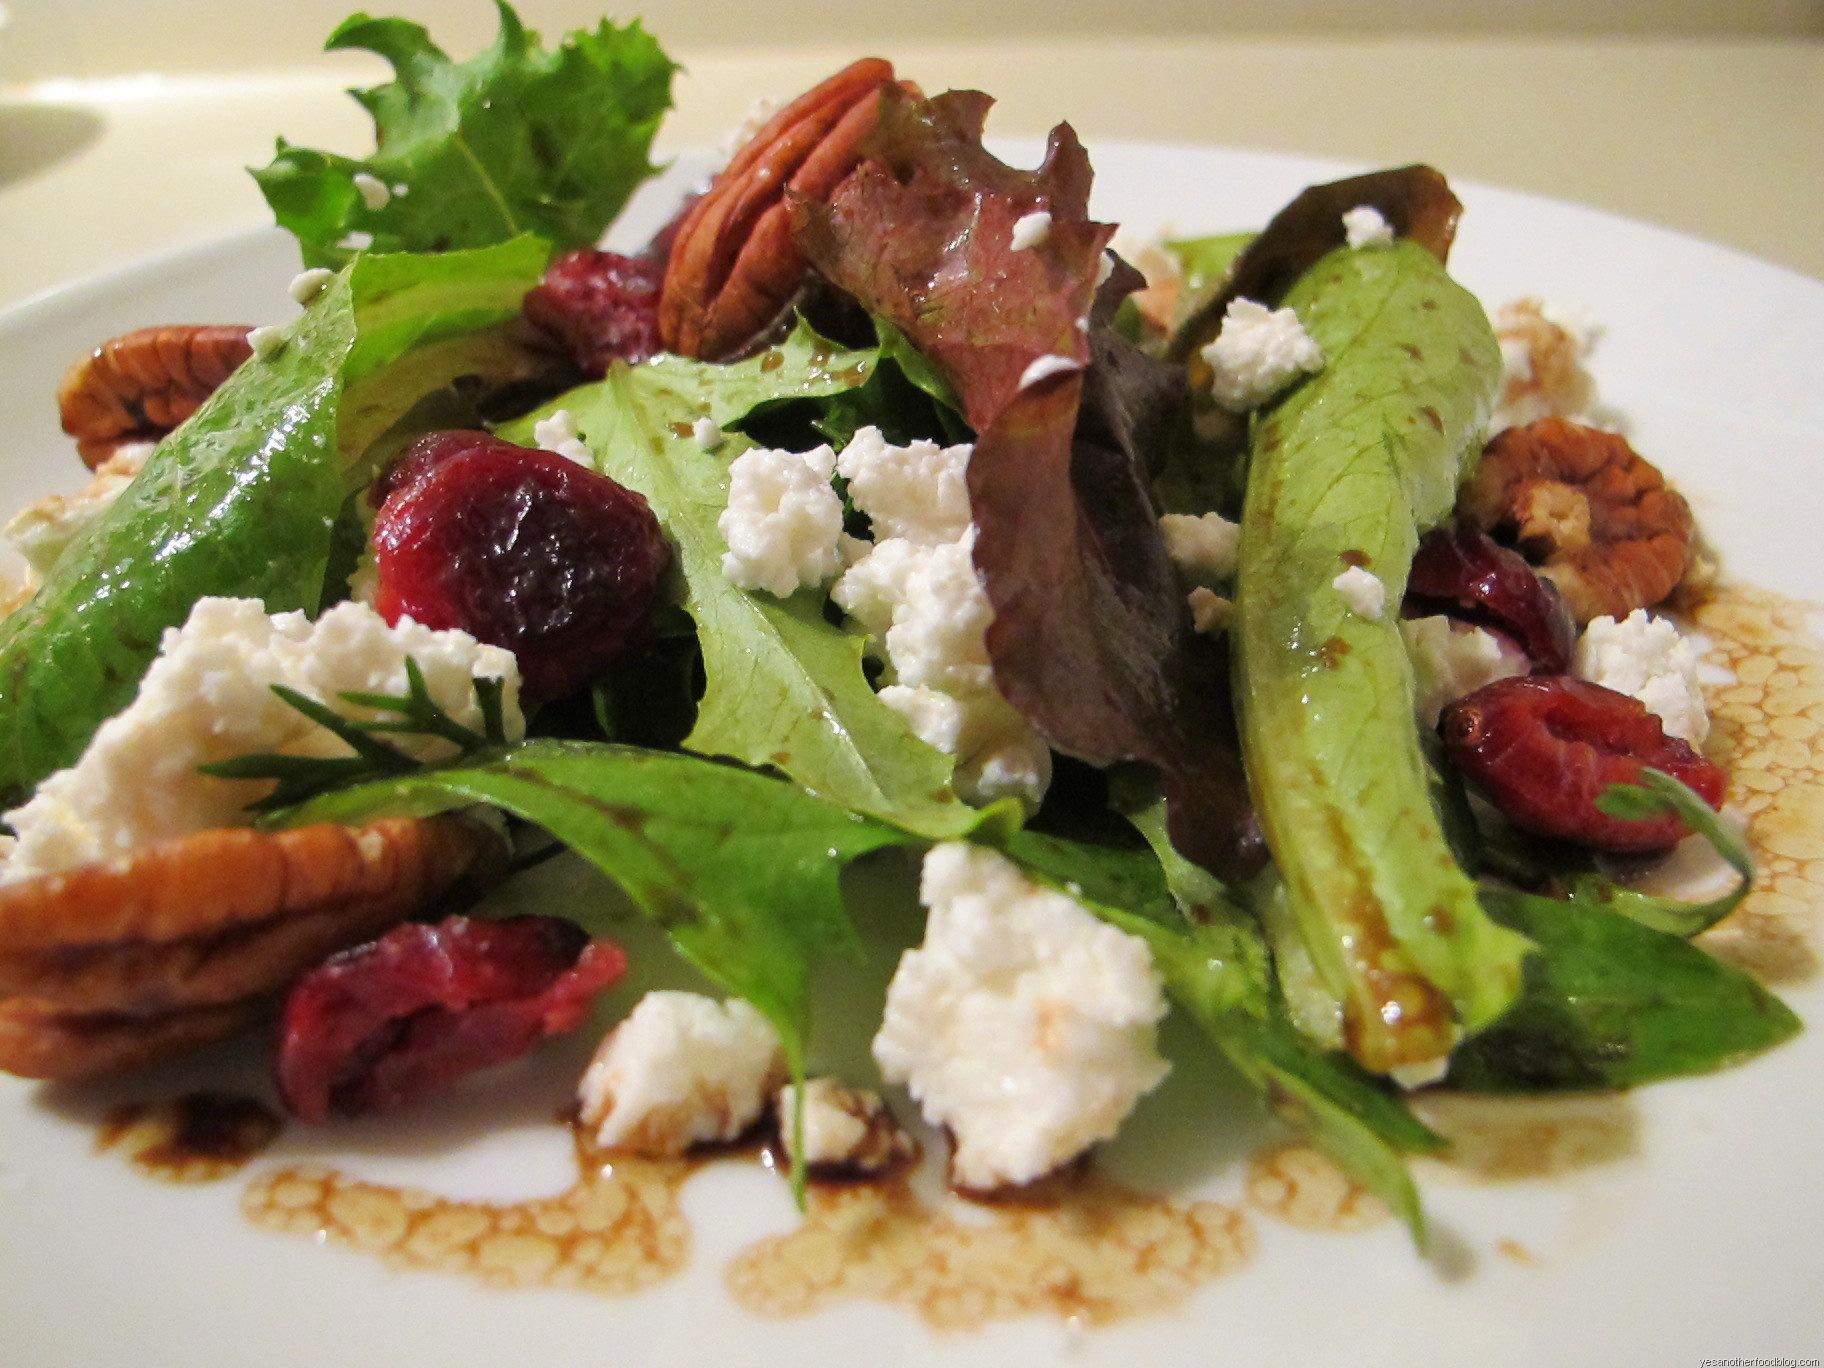 Gourmet Green Salad Recipes